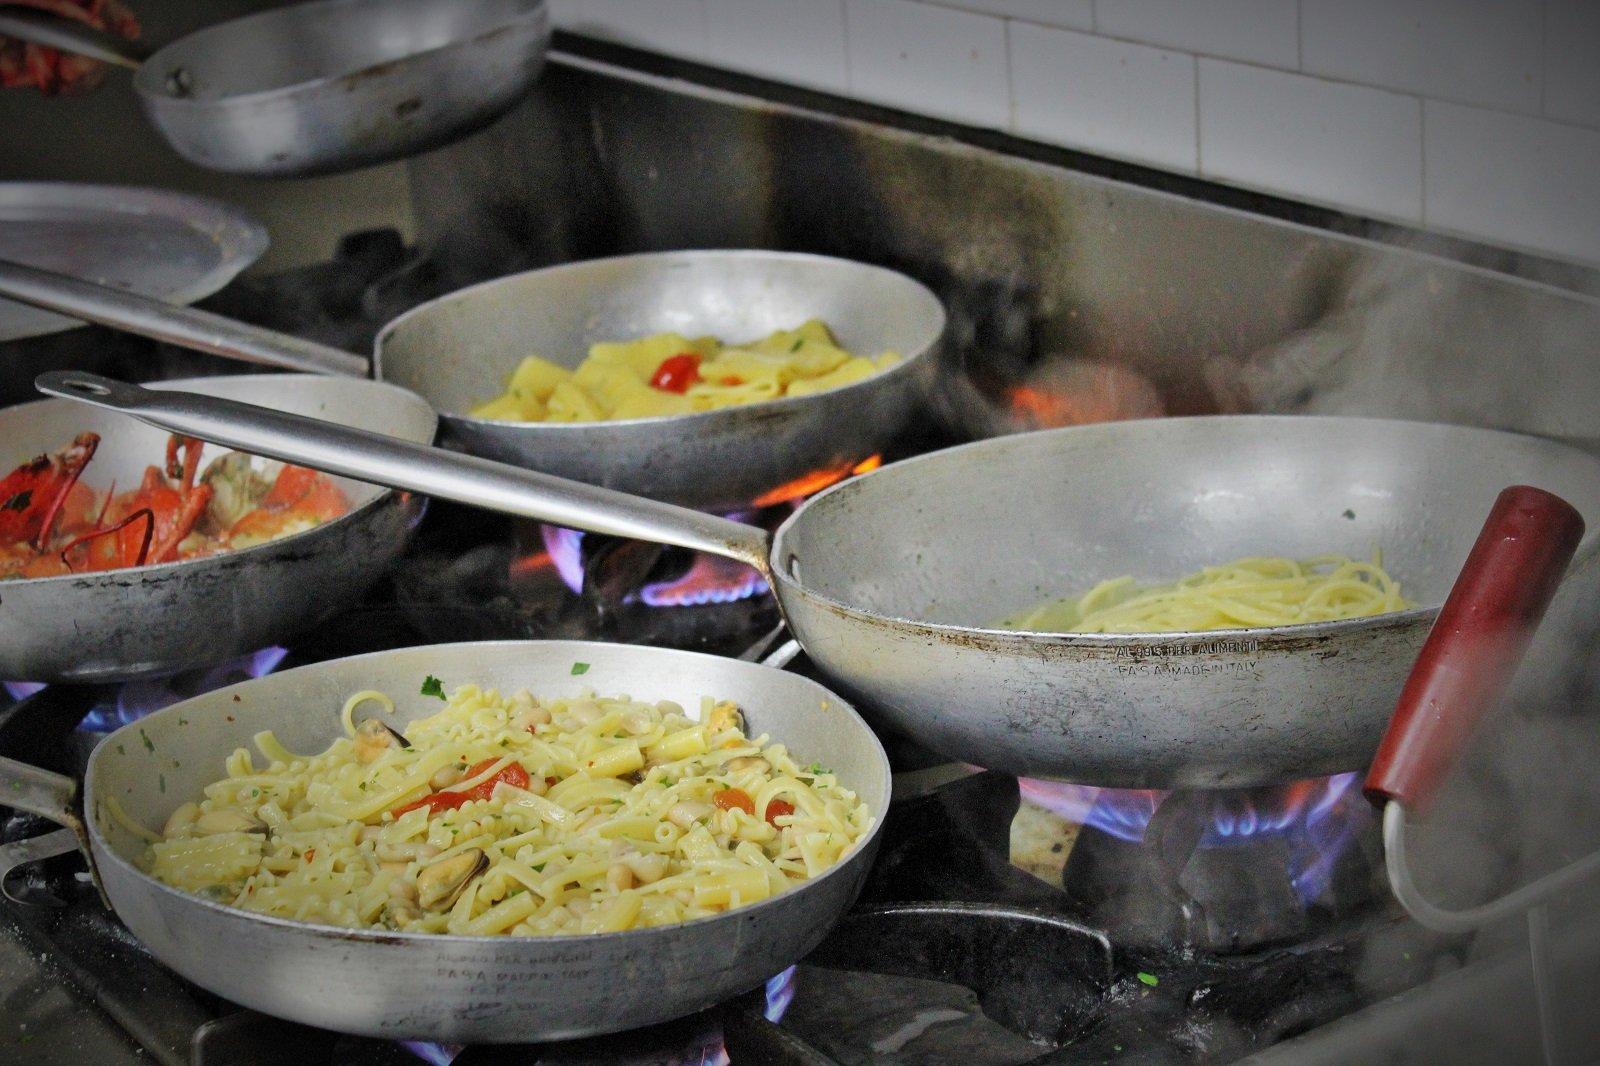 Primi Piatti presso Riccio Pizza e Restaurant a Santa Maria a Vico (CE)